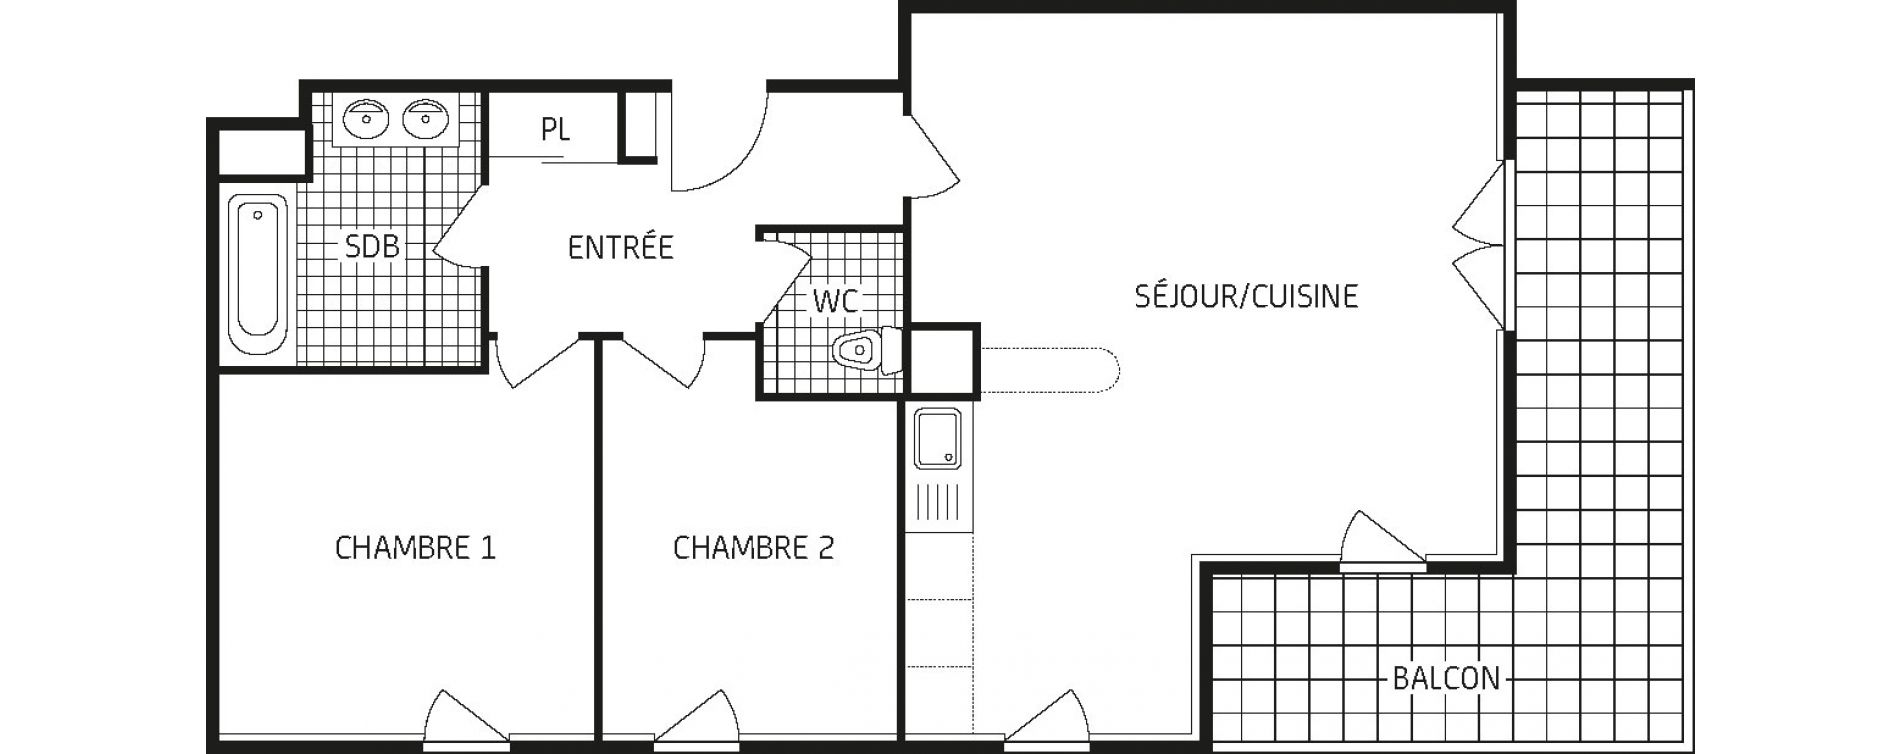 Appartement T3 de 65,63 m2 à Amiens Intercampus